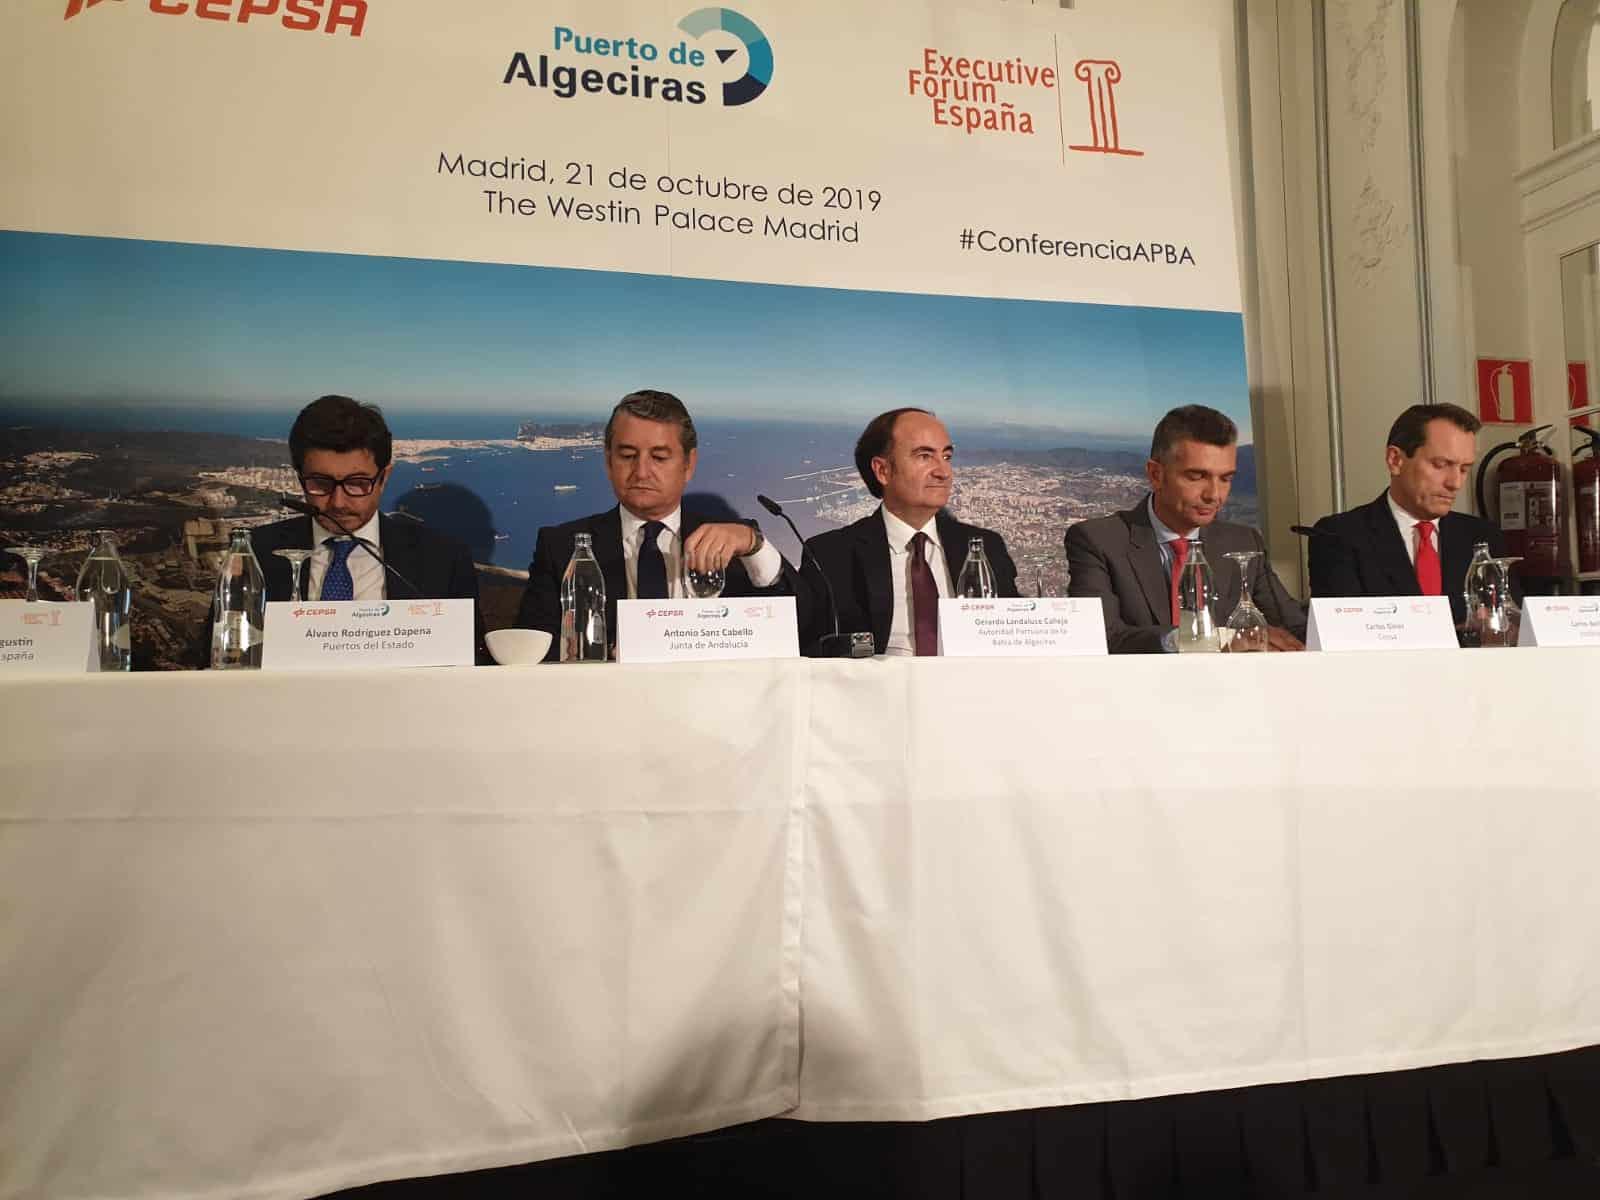 Landaluce ofrece una imagen moderna e innovadora del puerto de Algeciras ante un importante foro empresarial en Madrid